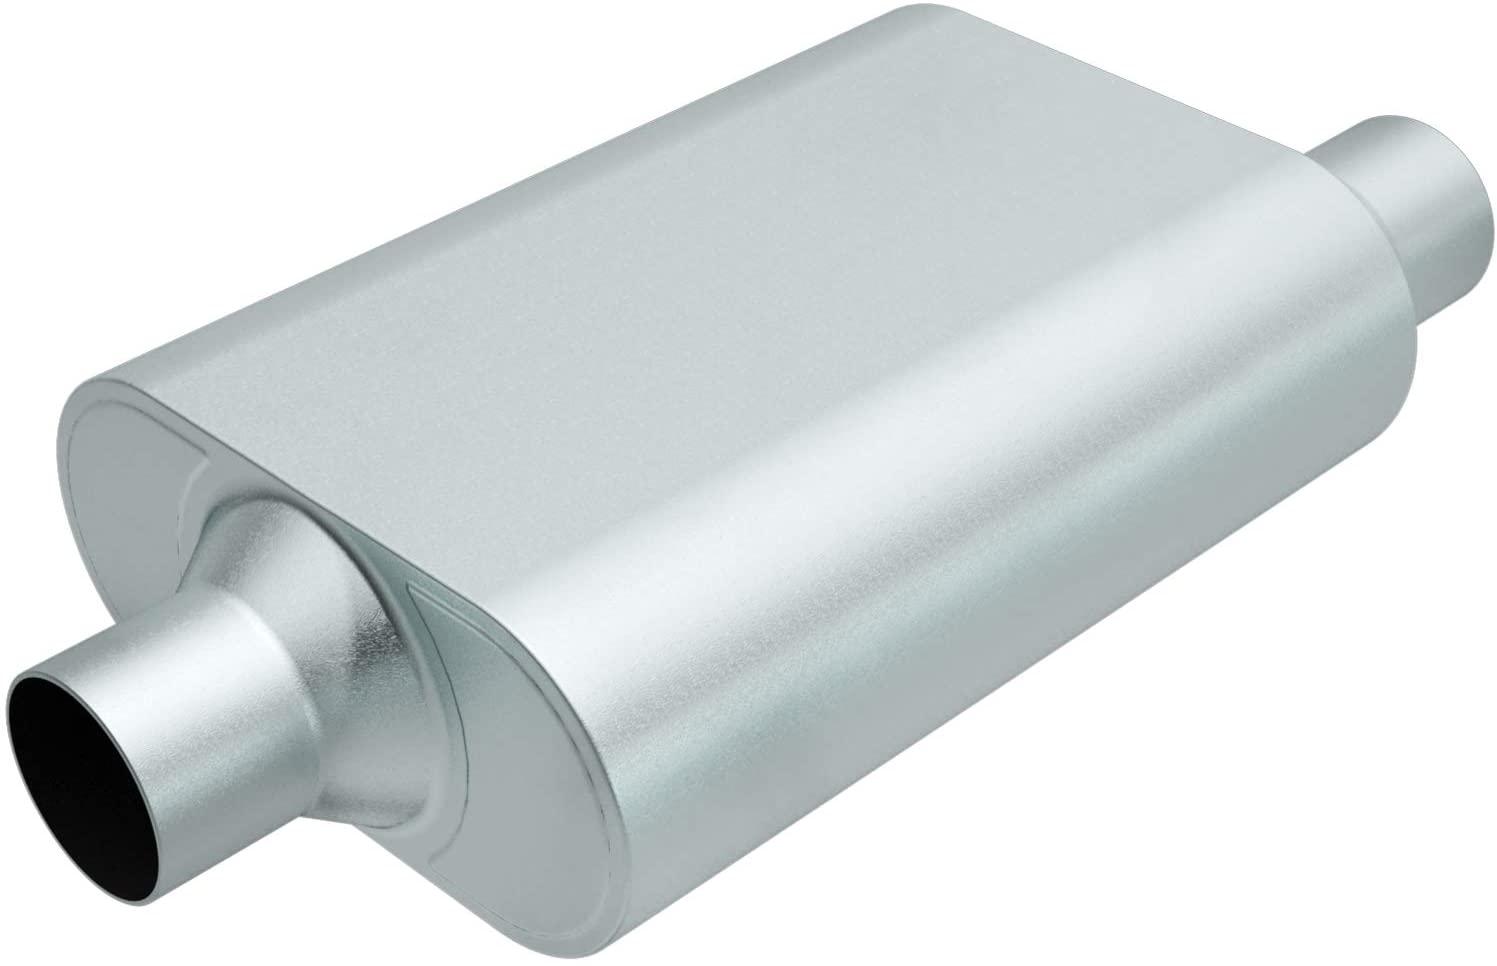 Rumble R23042 Exhaust Muffler (RUMBLE 13X4.25X9.5 3/3 C/O)